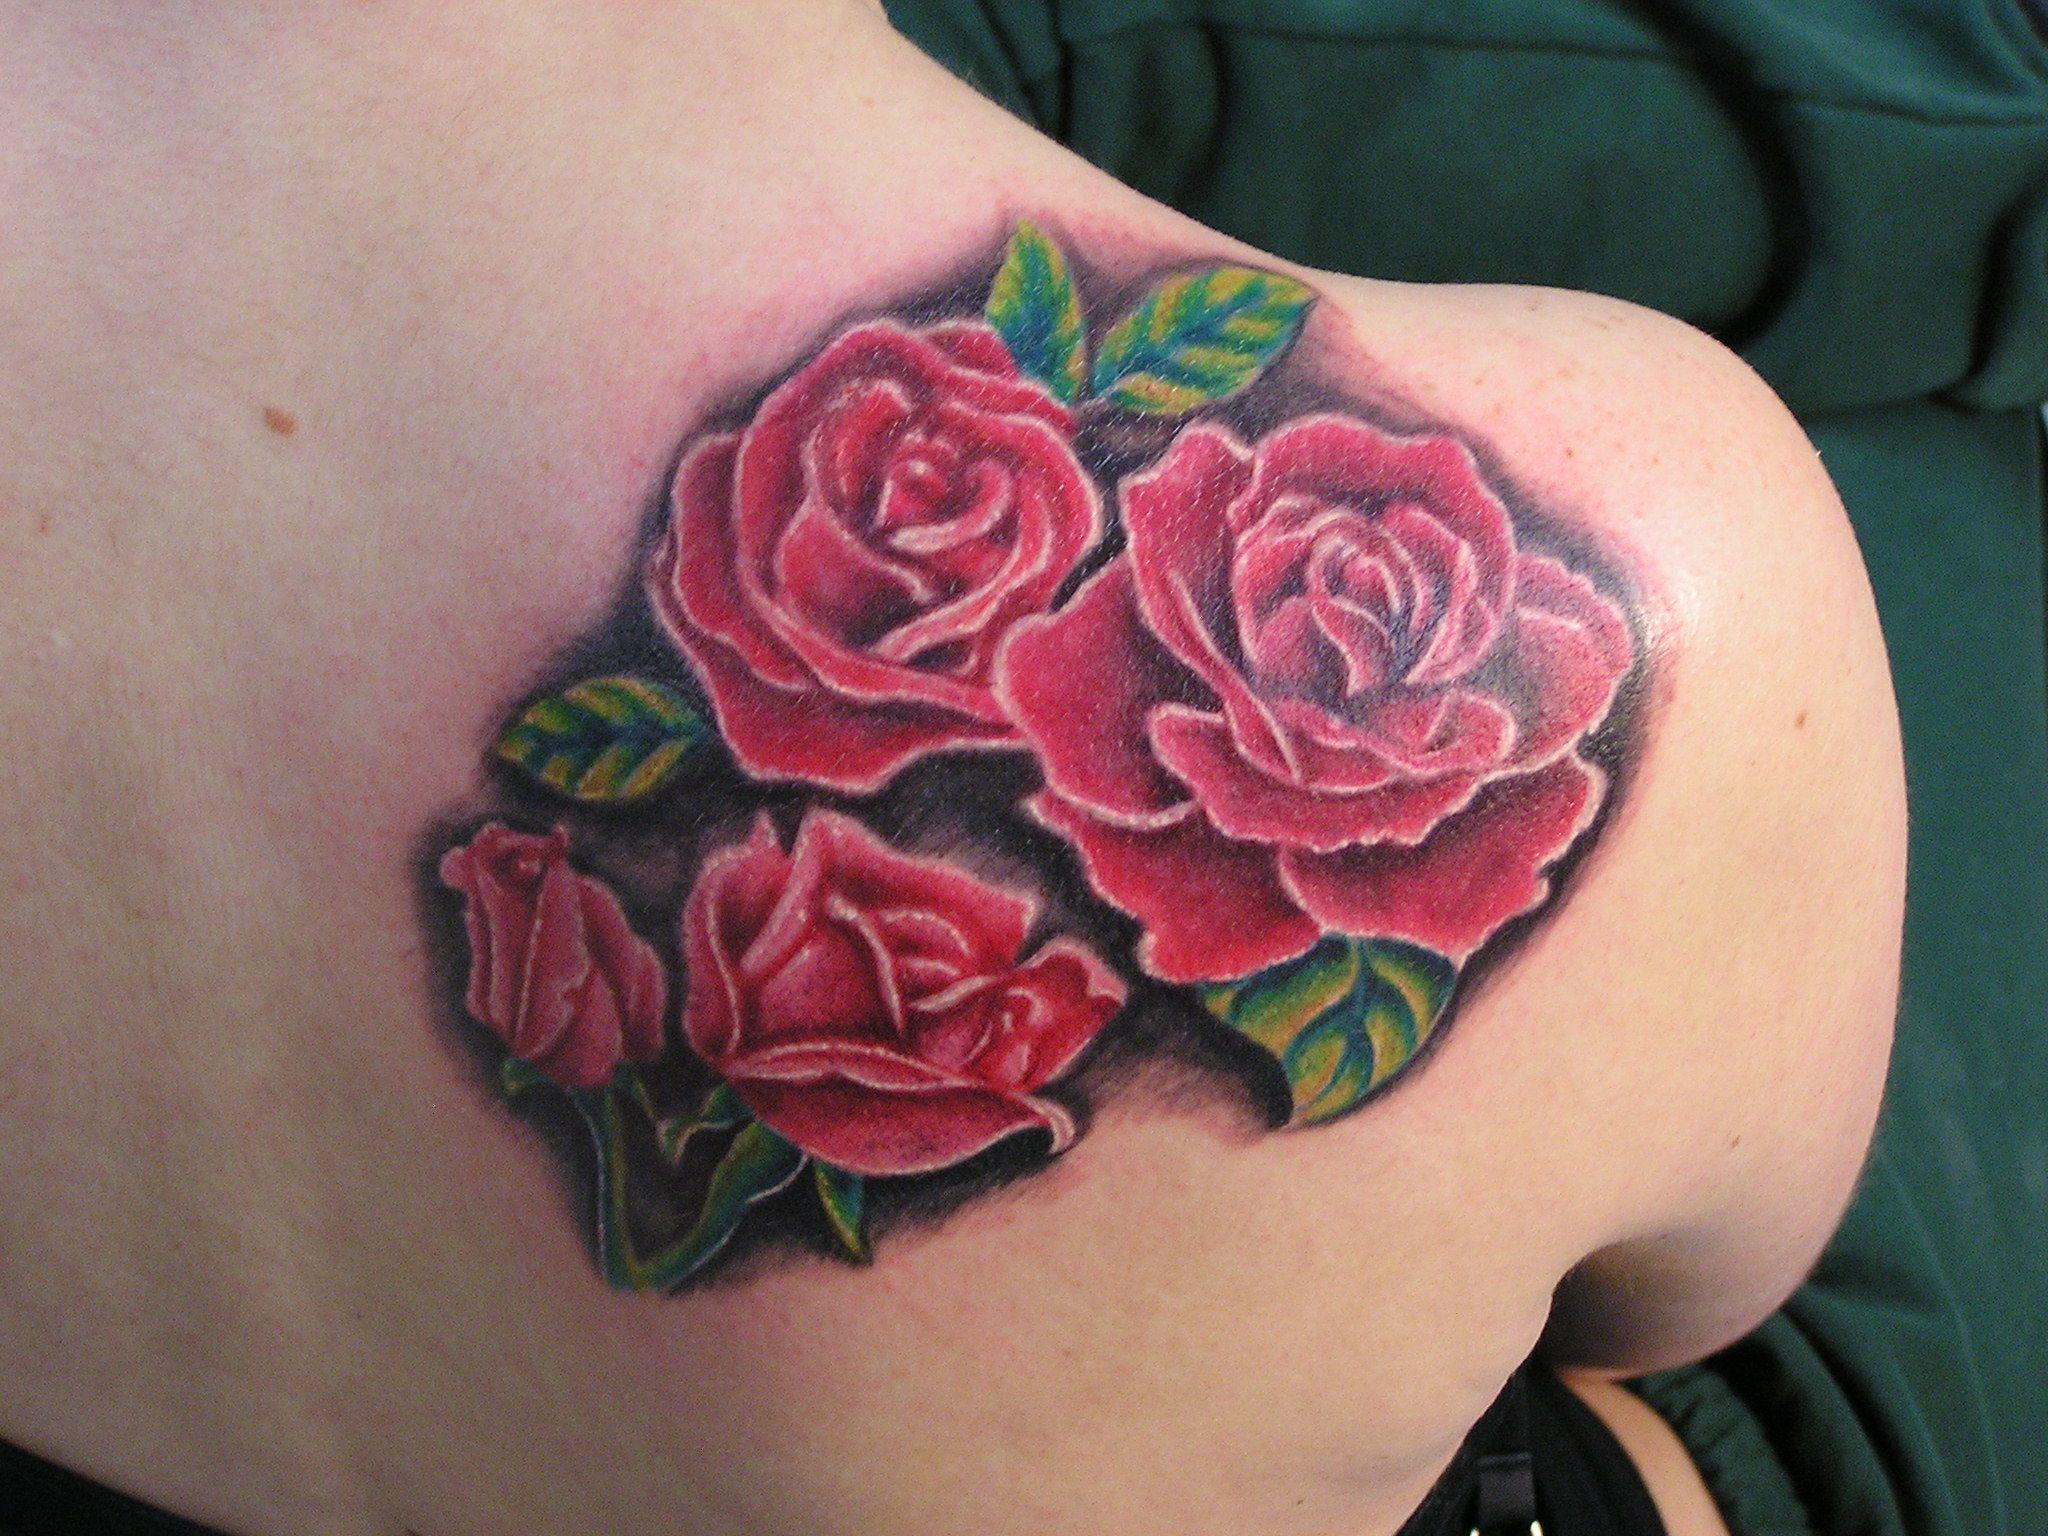 rose tattoo designs tattoodesigns tatto tattoideas